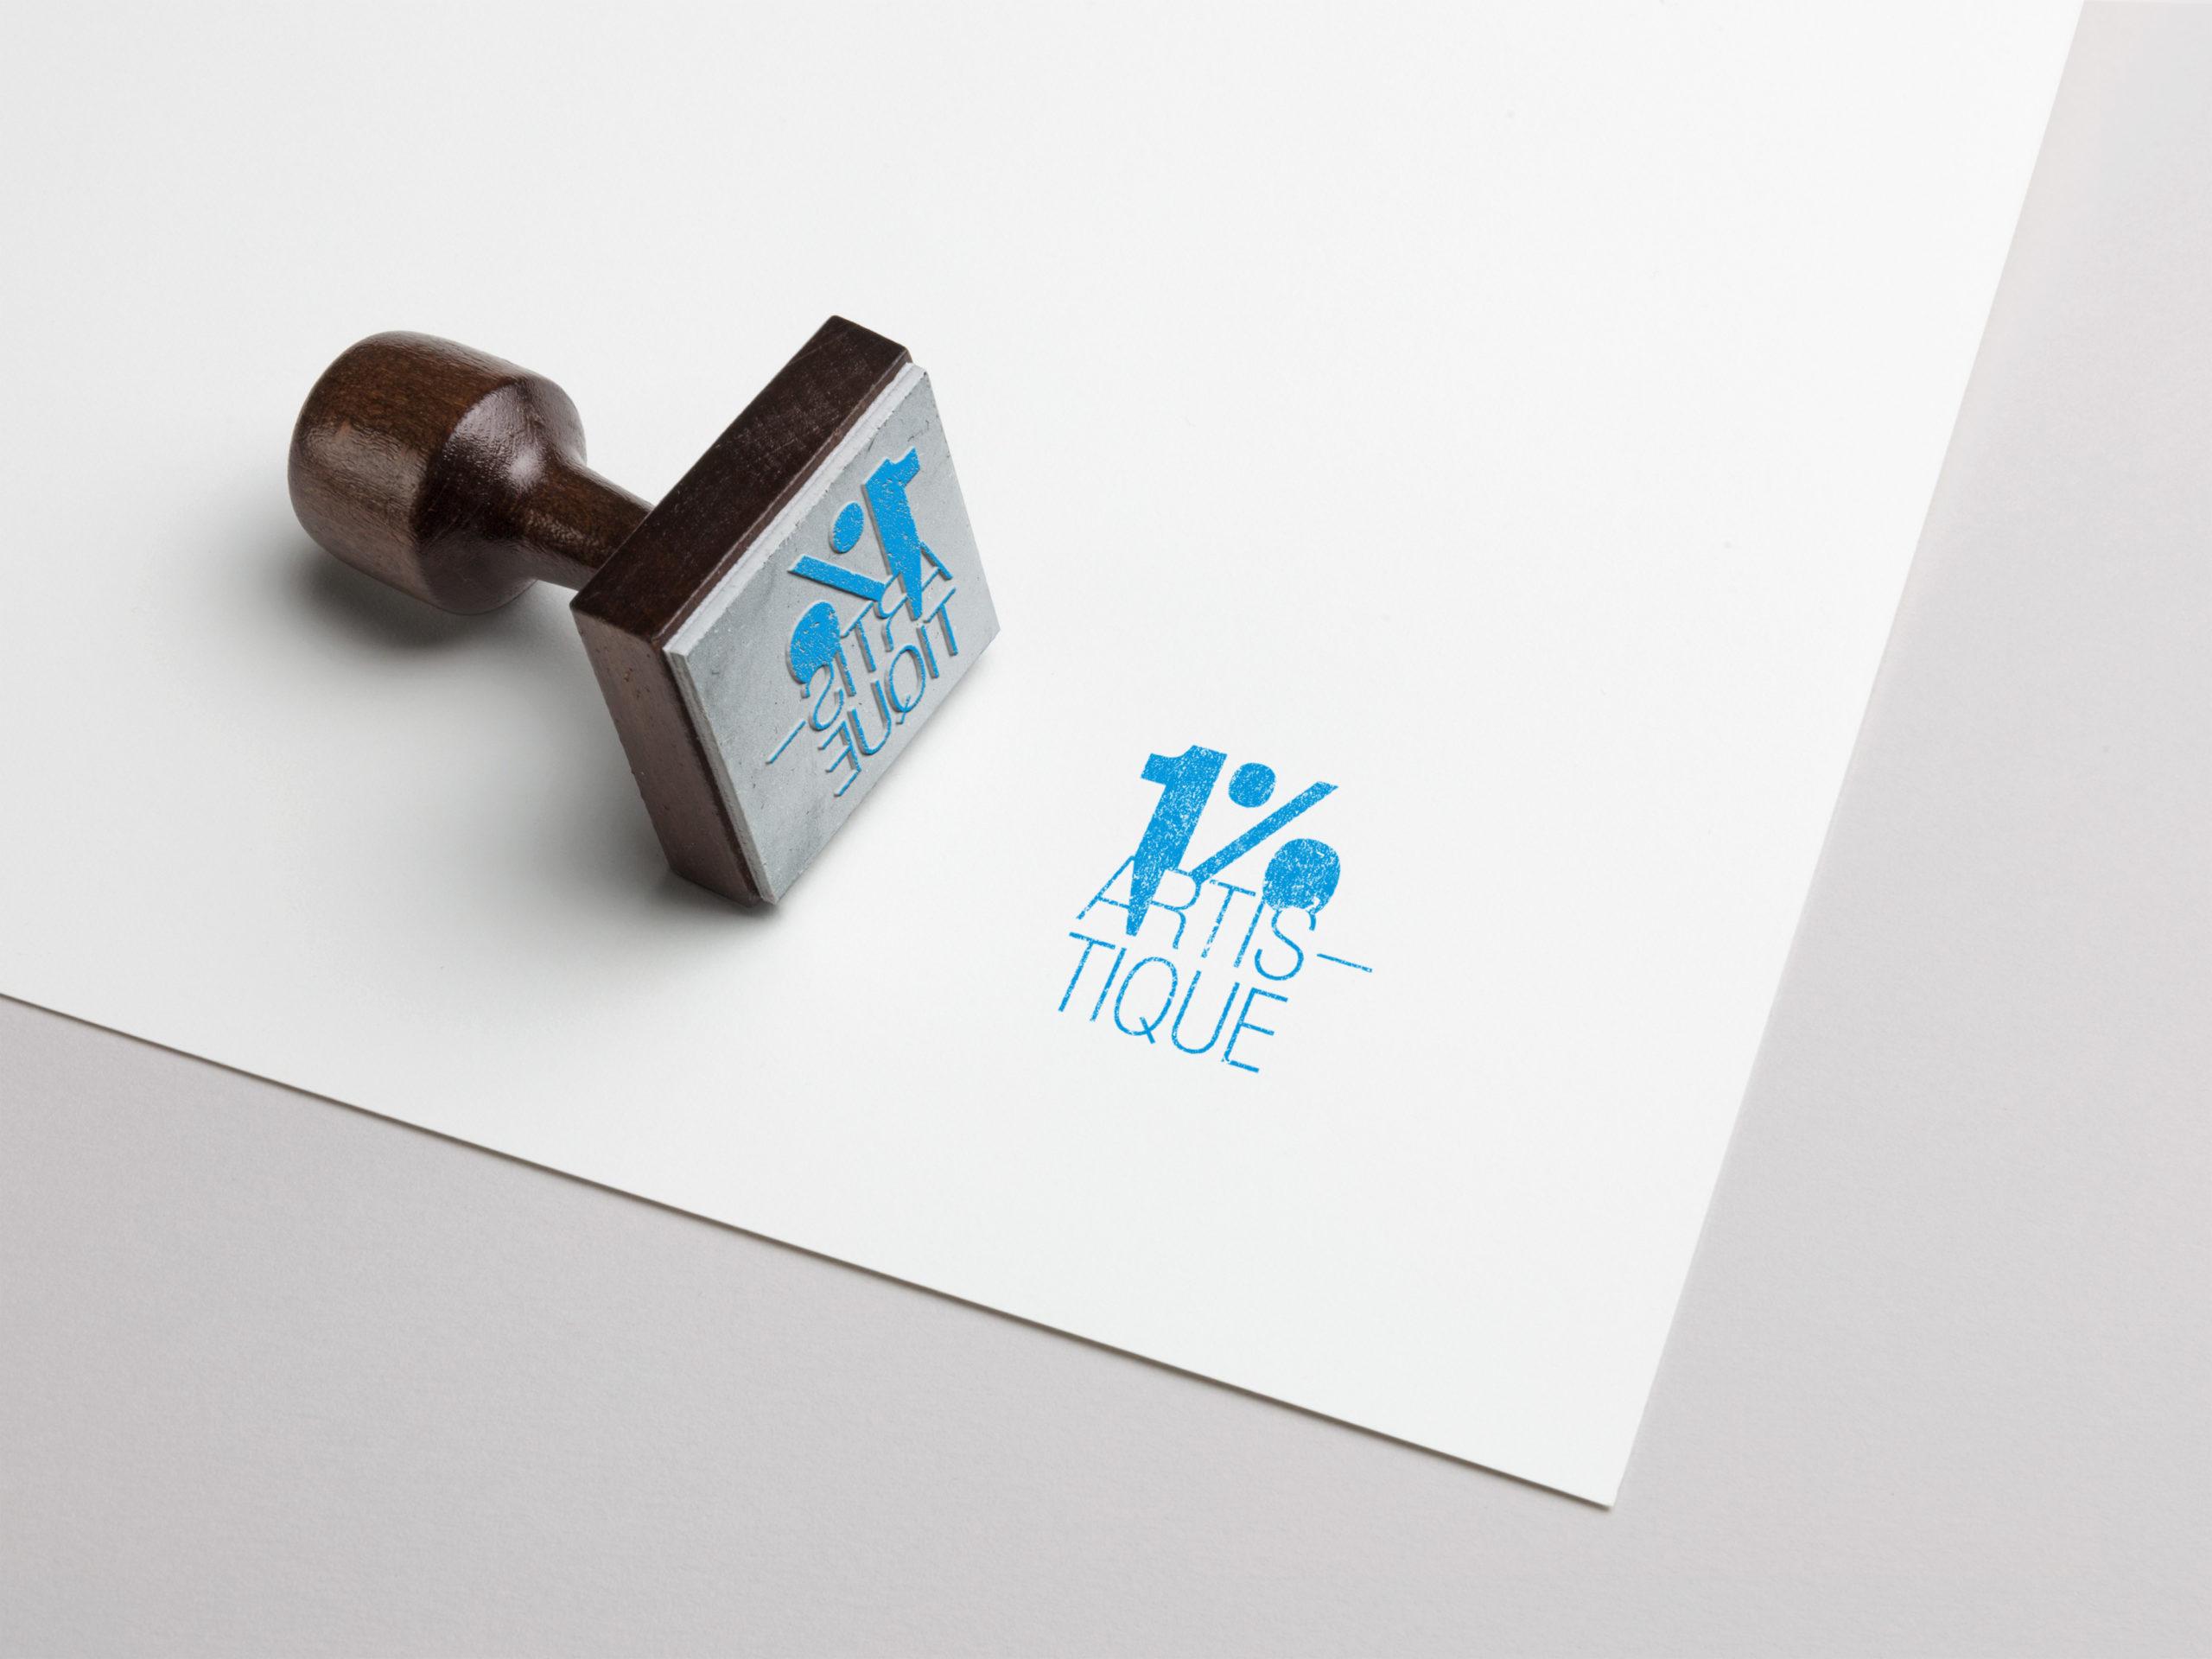 helene laforet graphiste le mans identité visuelle logotype 1% artistique